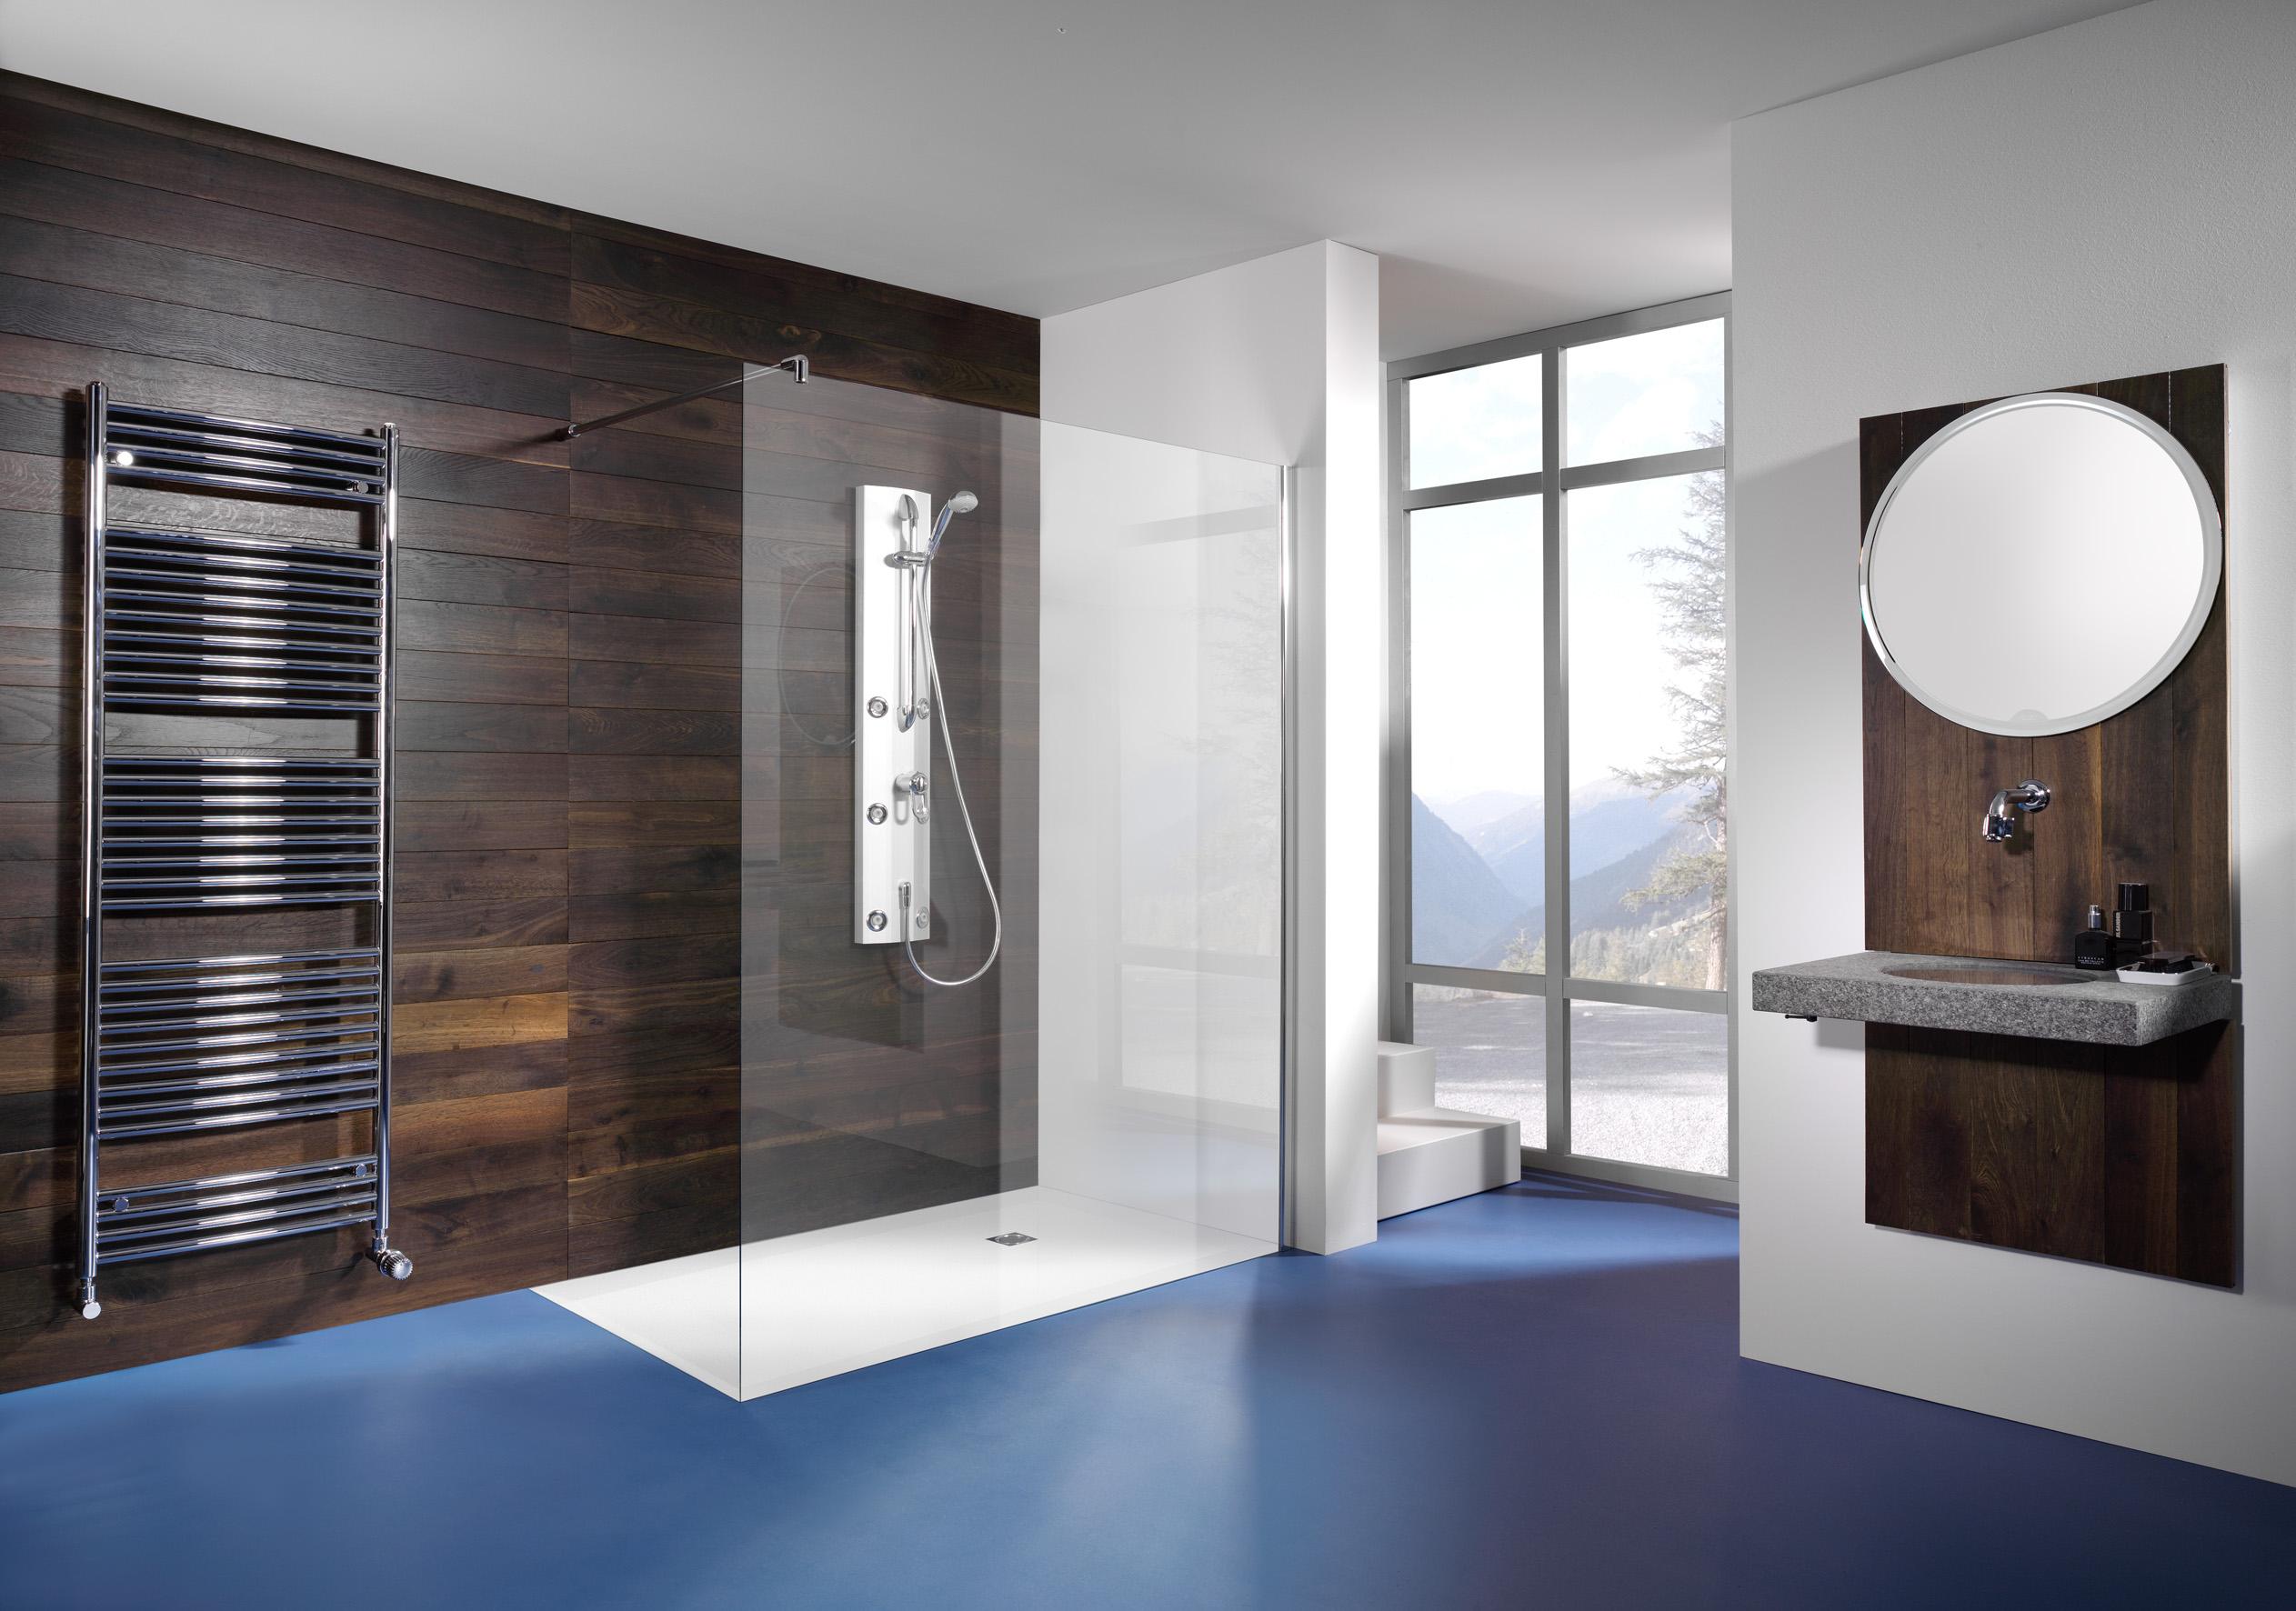 moderne b der aktuelle trends pressemitteilung webservice. Black Bedroom Furniture Sets. Home Design Ideas